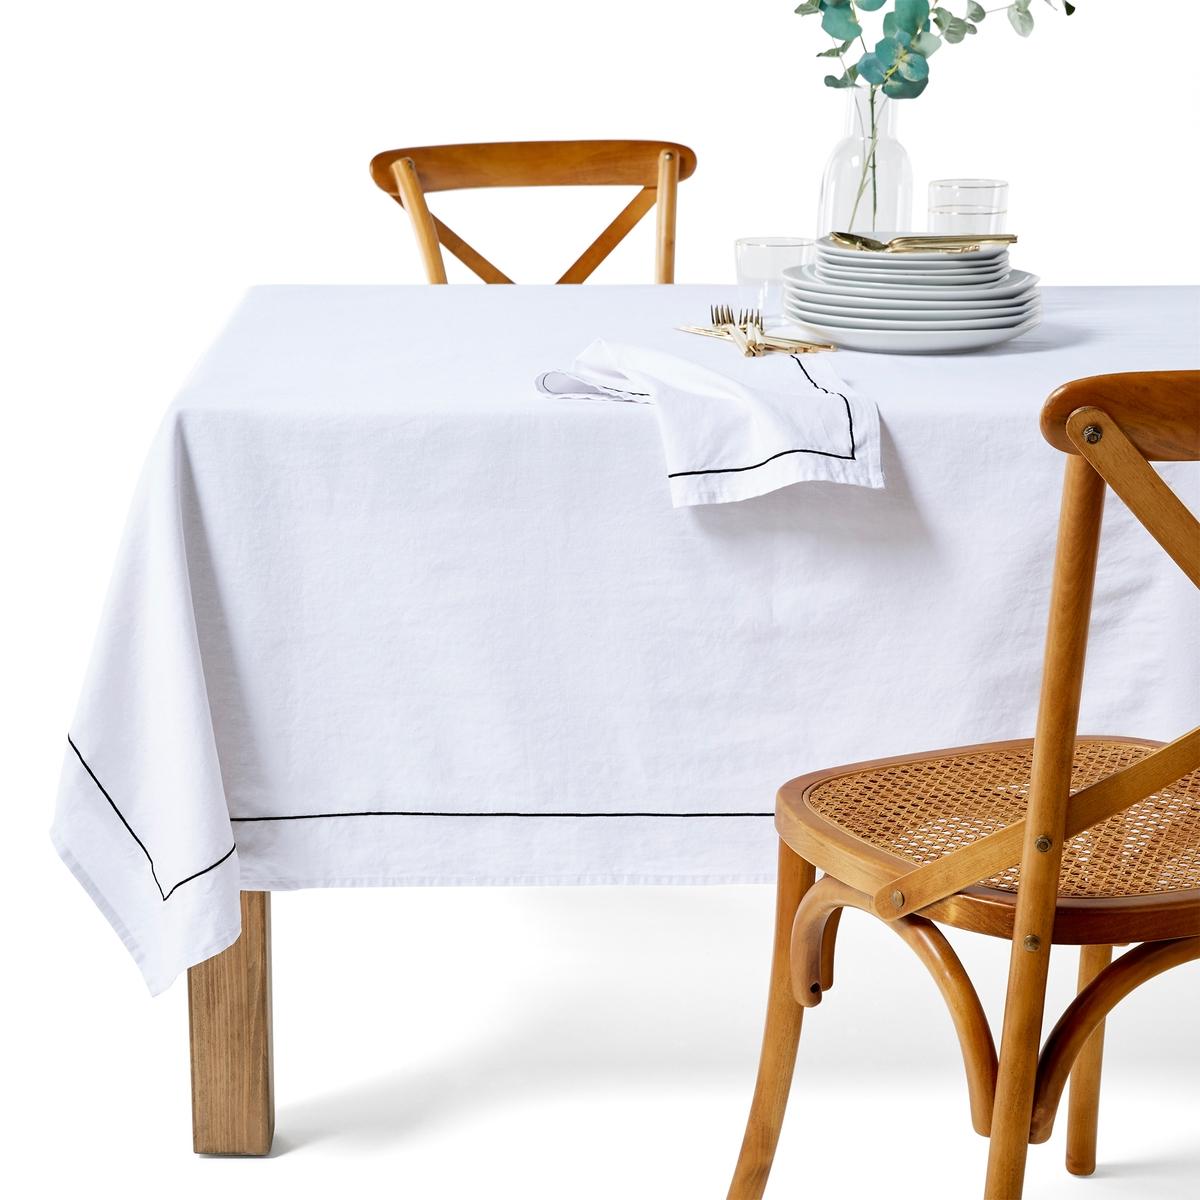 Скатерть La Redoute Хлопок-лн Mtis Bourdon 150 x 300 см белый